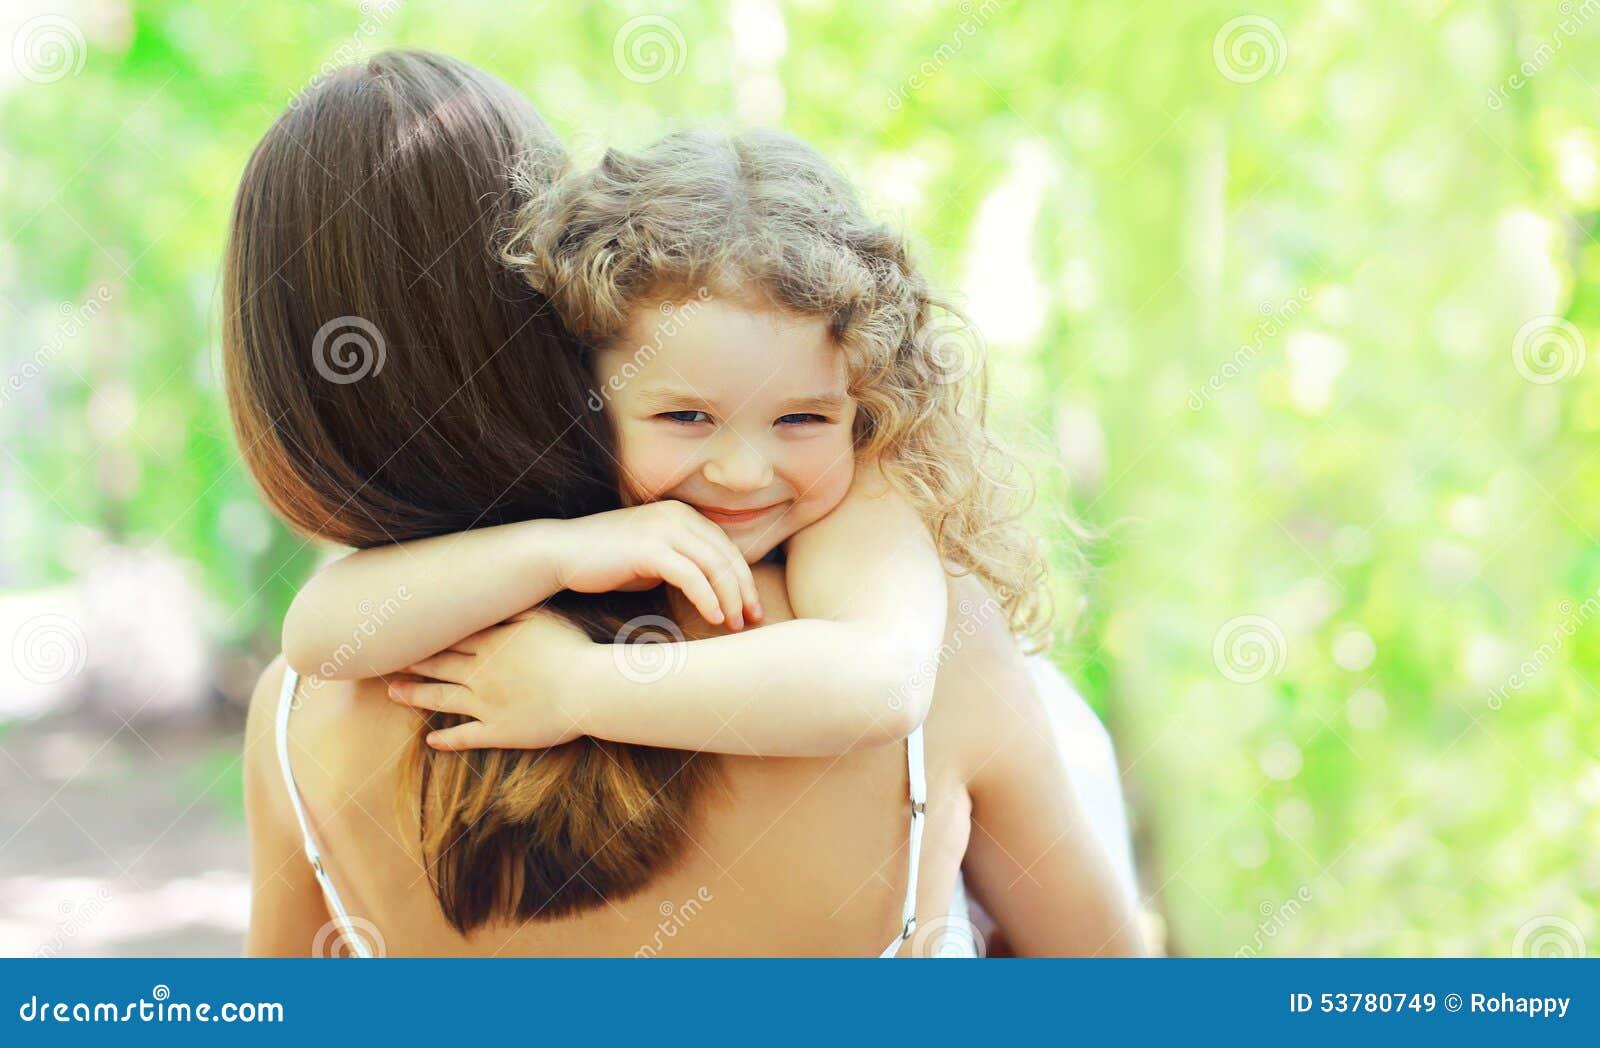 Figlia felice che abbraccia madre nel giorno di estate soleggiato caldo sulla natura